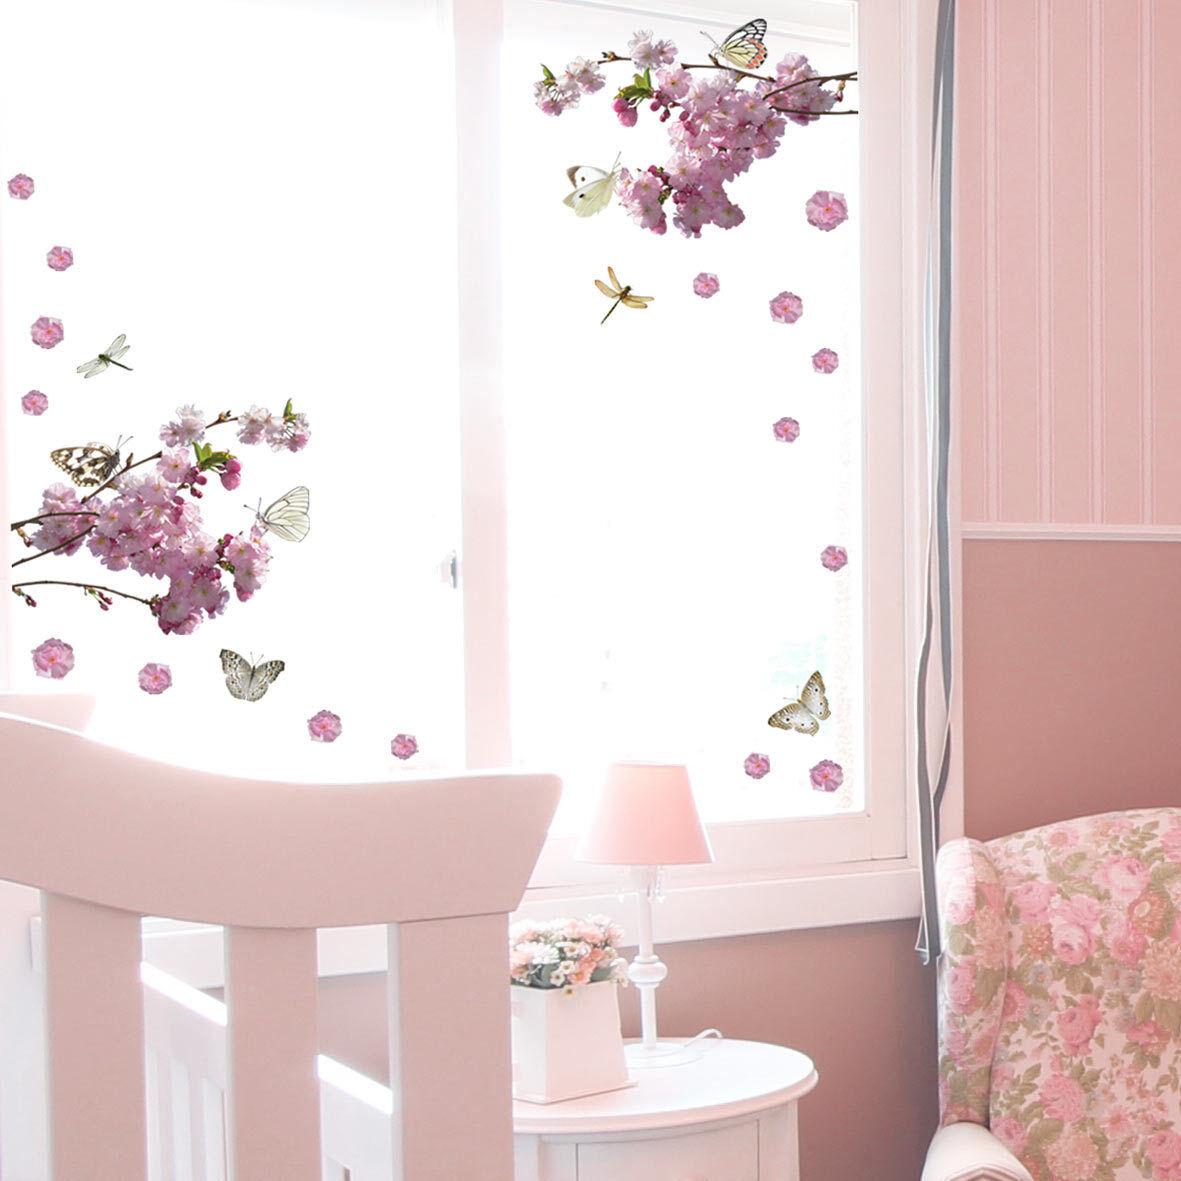 Aufkleber Sticker Wandaufkleber Wandsticker Blume Schmetterling Fenster Möbel WC